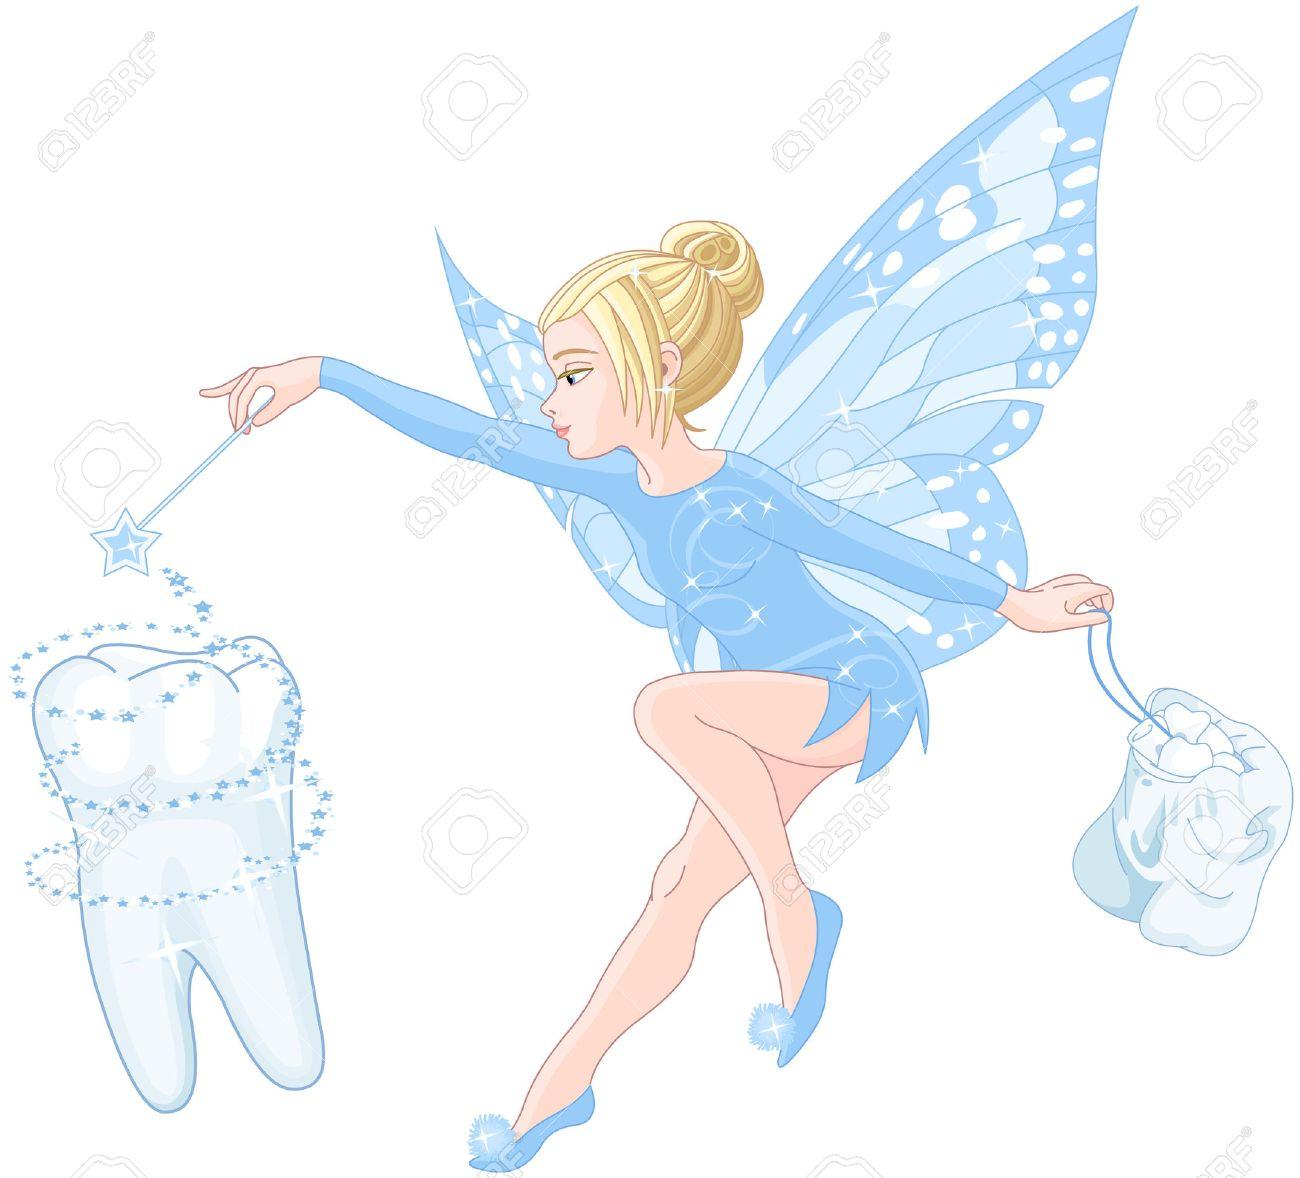 笑顔のかわいい歯の妖精のイラスト ロイヤリティフリークリップアート